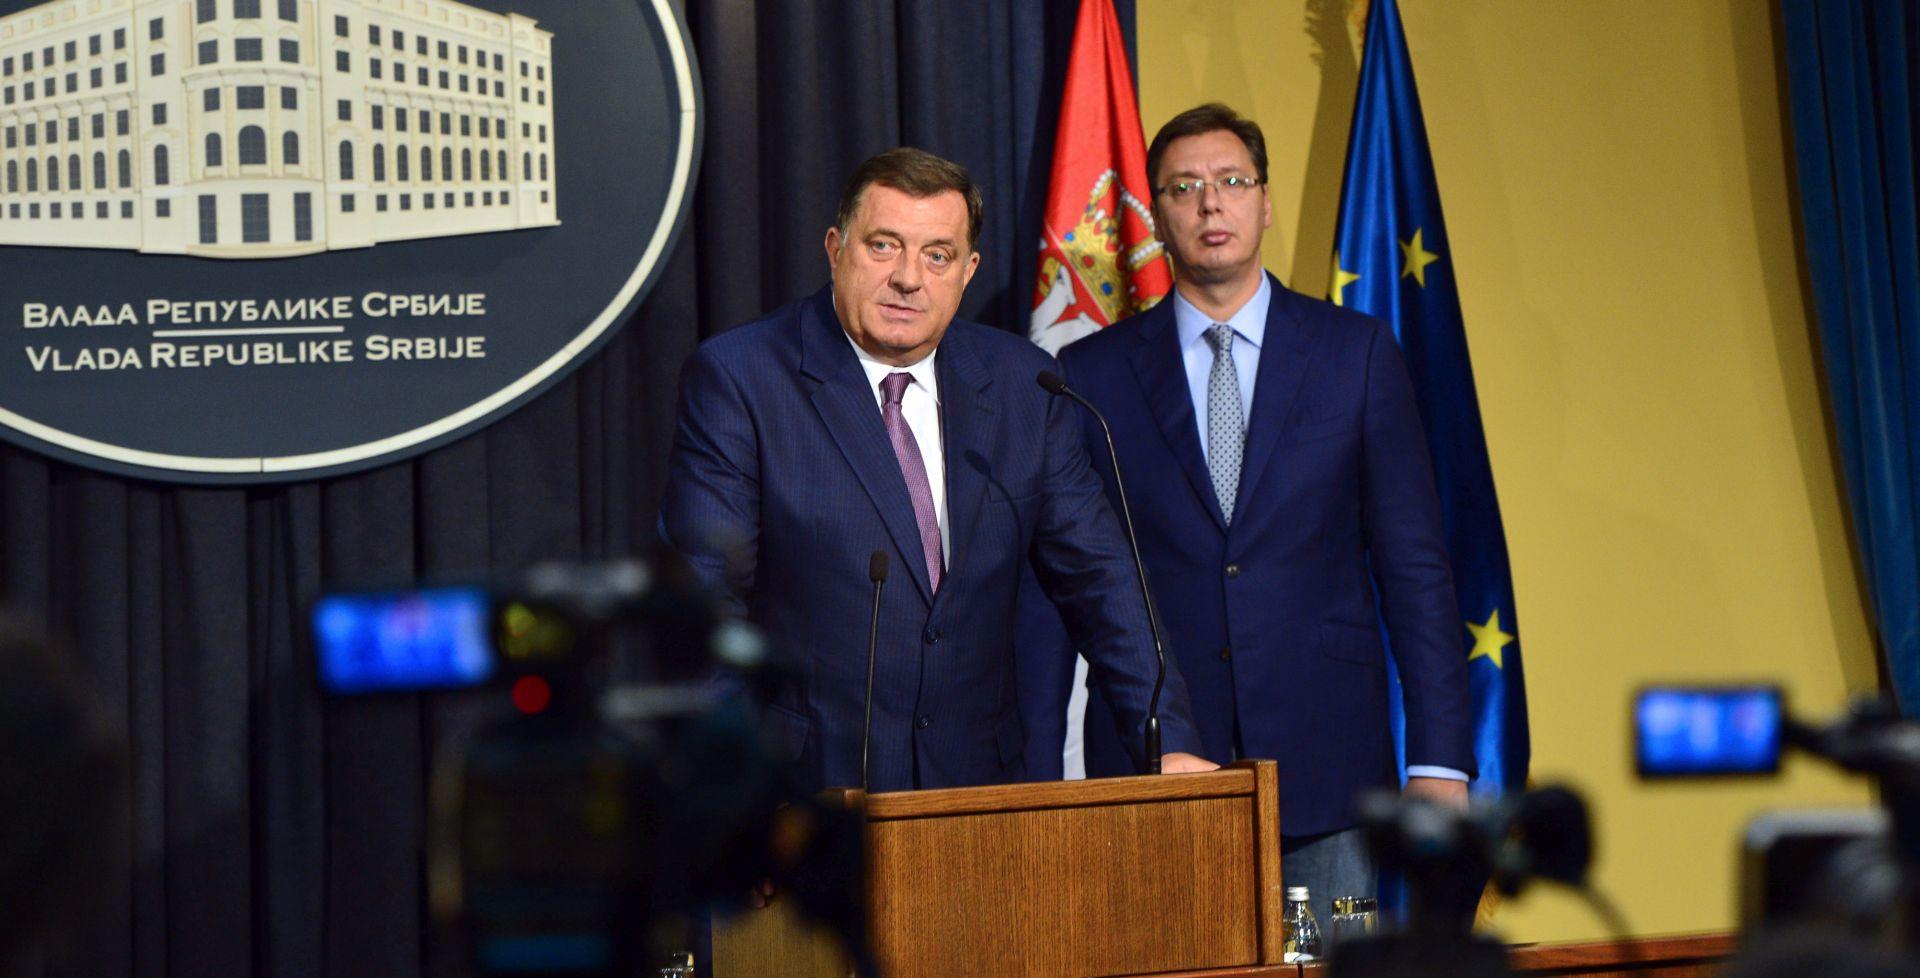 DODIK: Prigovore Hrvata treba uključiti u mehanizam koordinacije